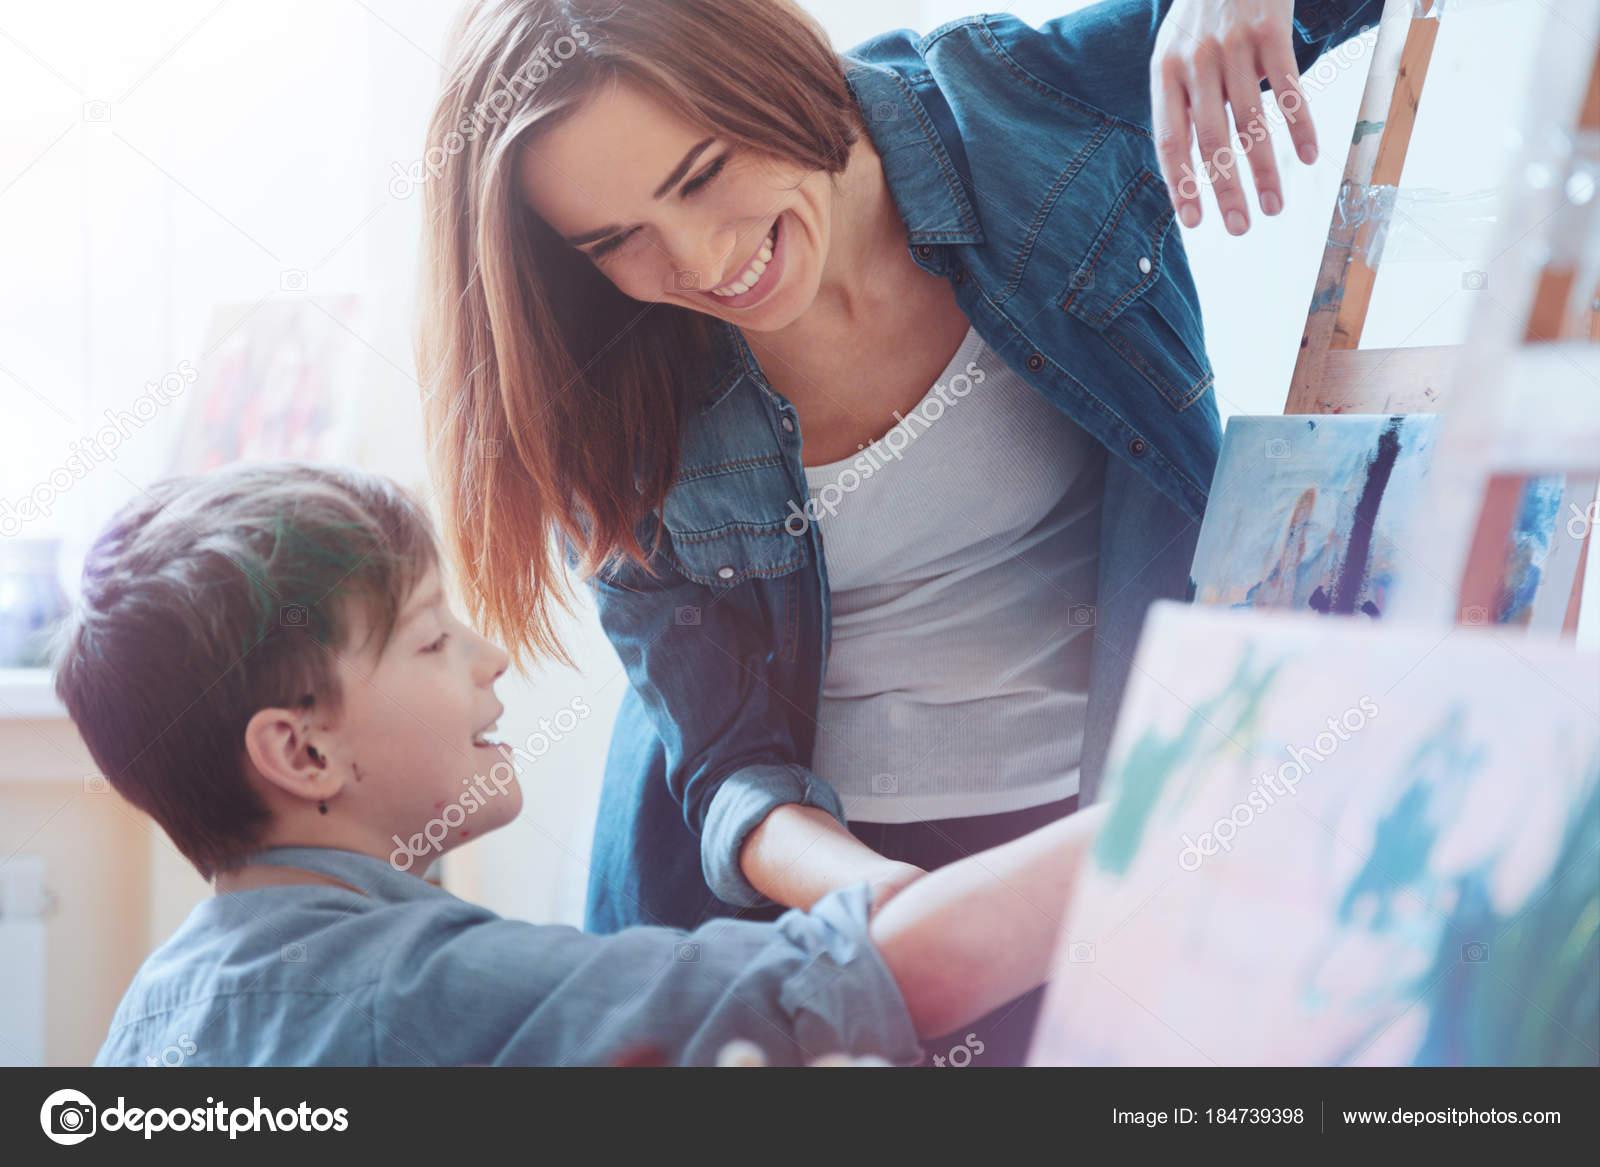 5185b0d3d Atitude positiva para trabalhar. Pintor feminino positivo, trabalhando em  um estúdio de pintura amplamente sorrindo enquanto olha para o menino de  cabelos ...